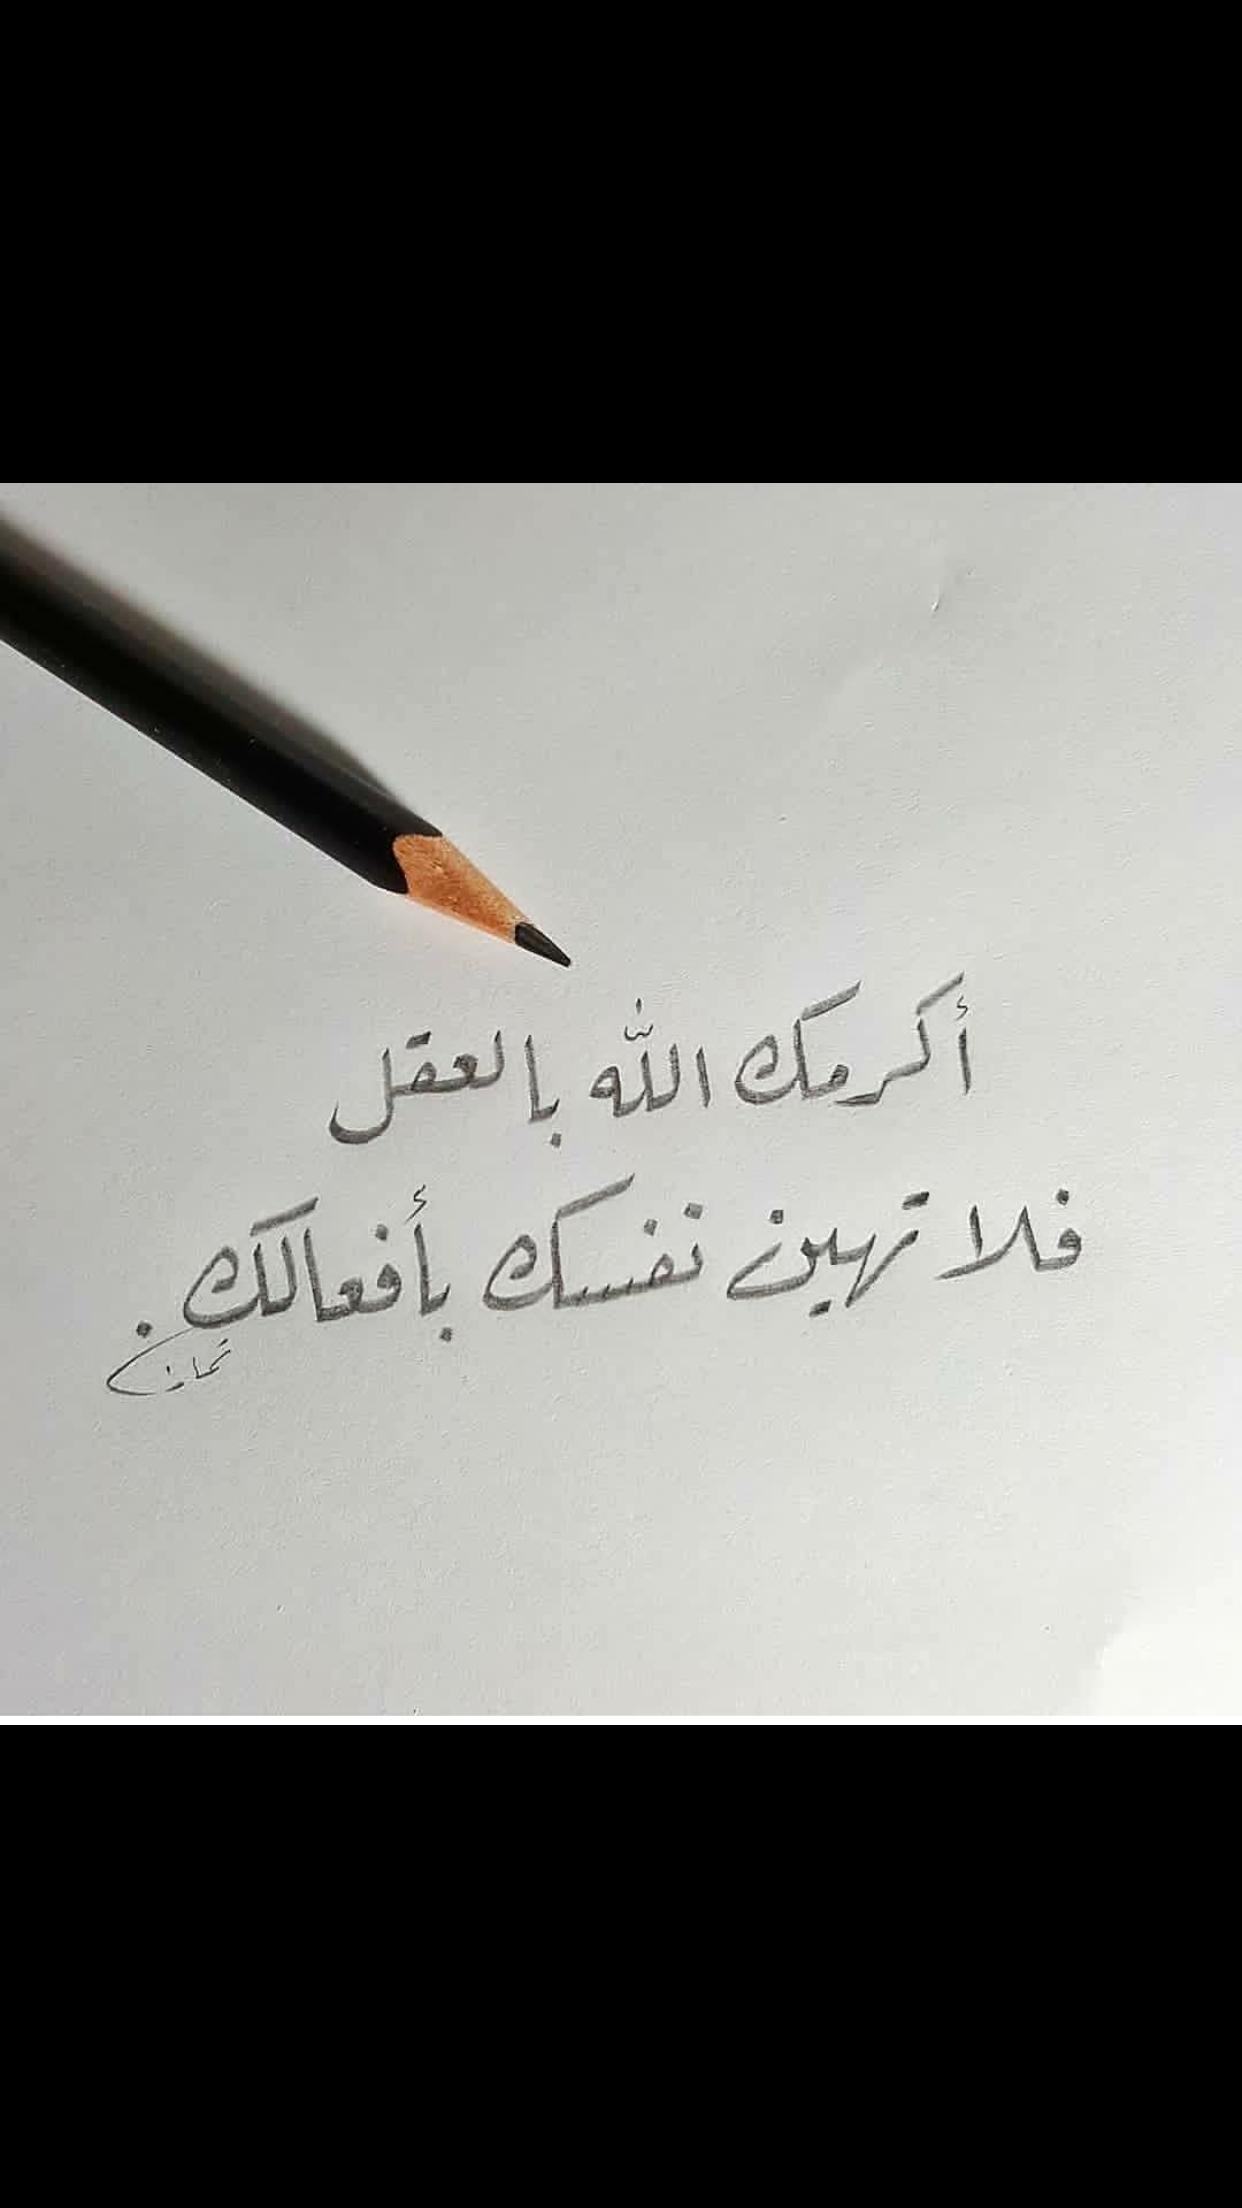 لاتهين نفسك بأفعالك Cool Words Positive Notes Islamic Quotes